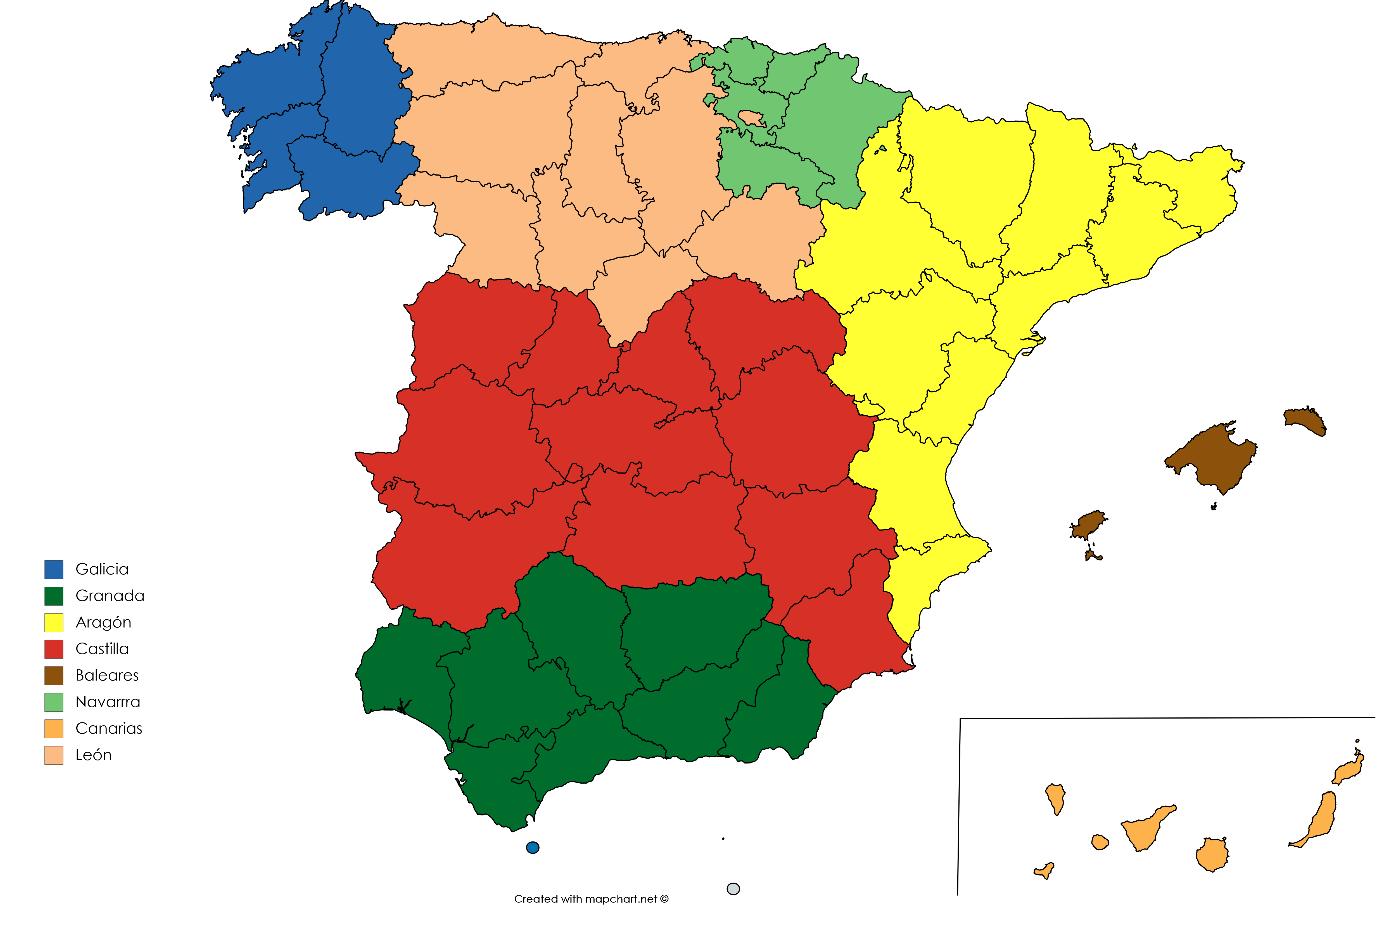 Mi mapa de Espaa  ForoCoches